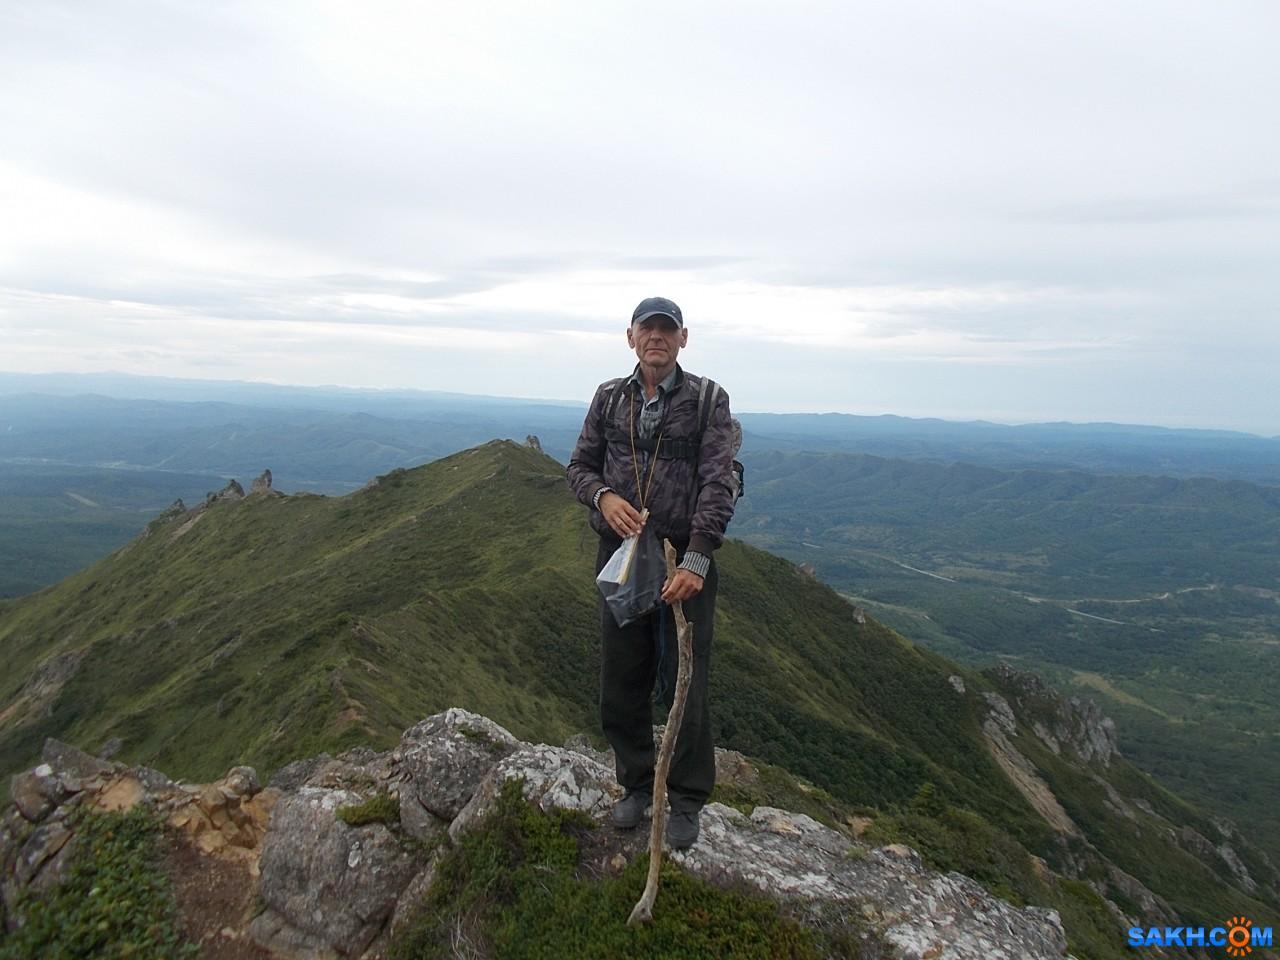 Valery: На вершине горы Владимировской хребта Жданко. 25.08.2016 г.